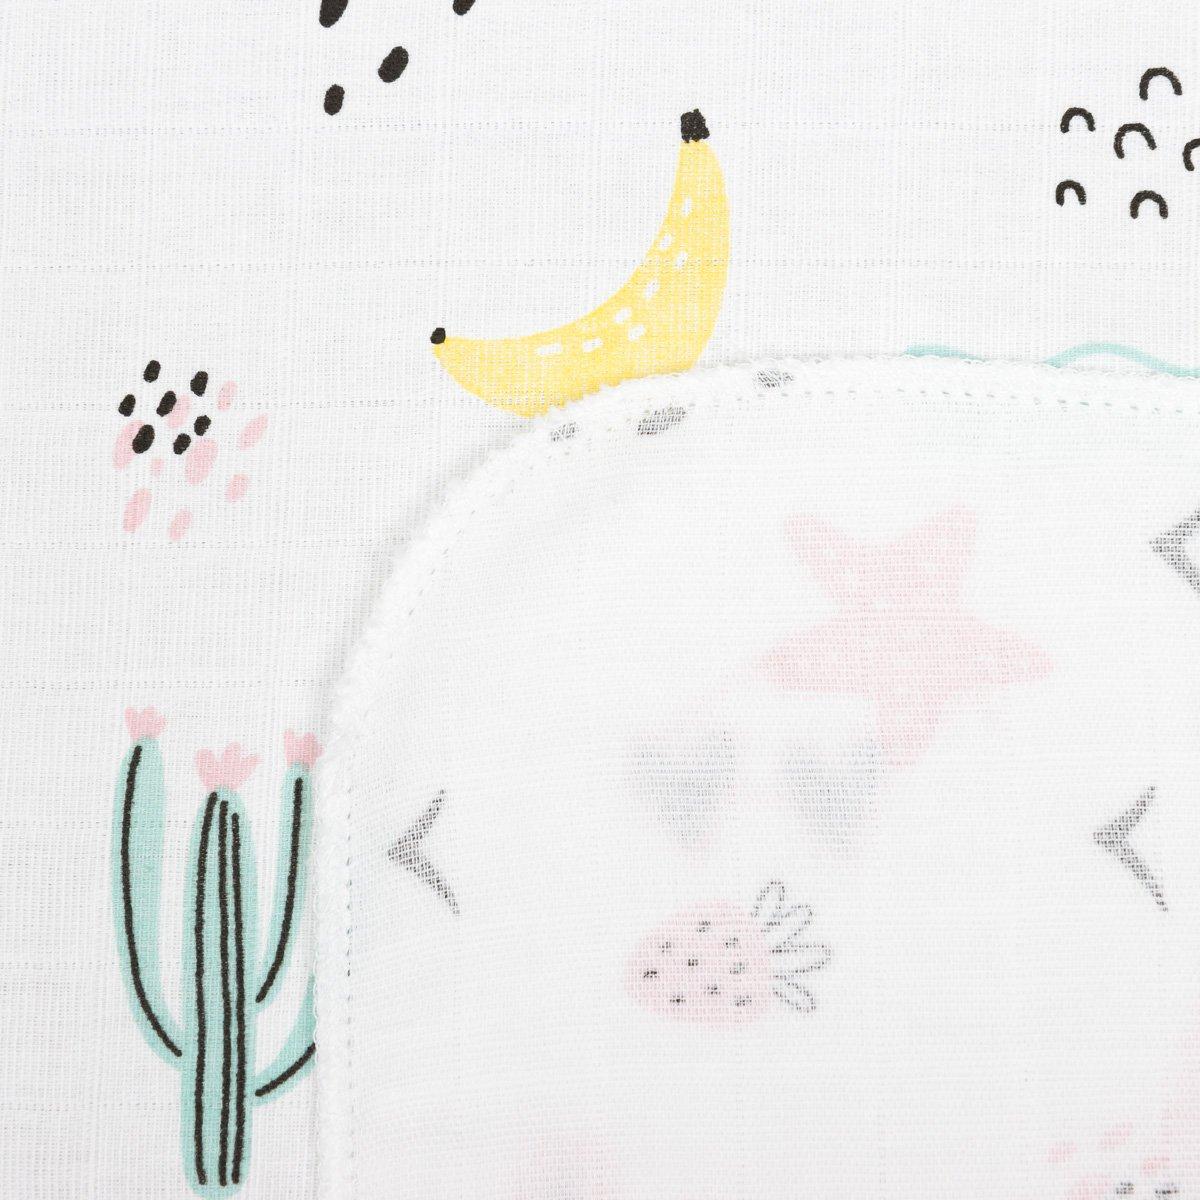 Купить Для новорожденных, Пеленка Бетис Tropics 75х100 см 27683332 ТМ: Бетис, разноцветный